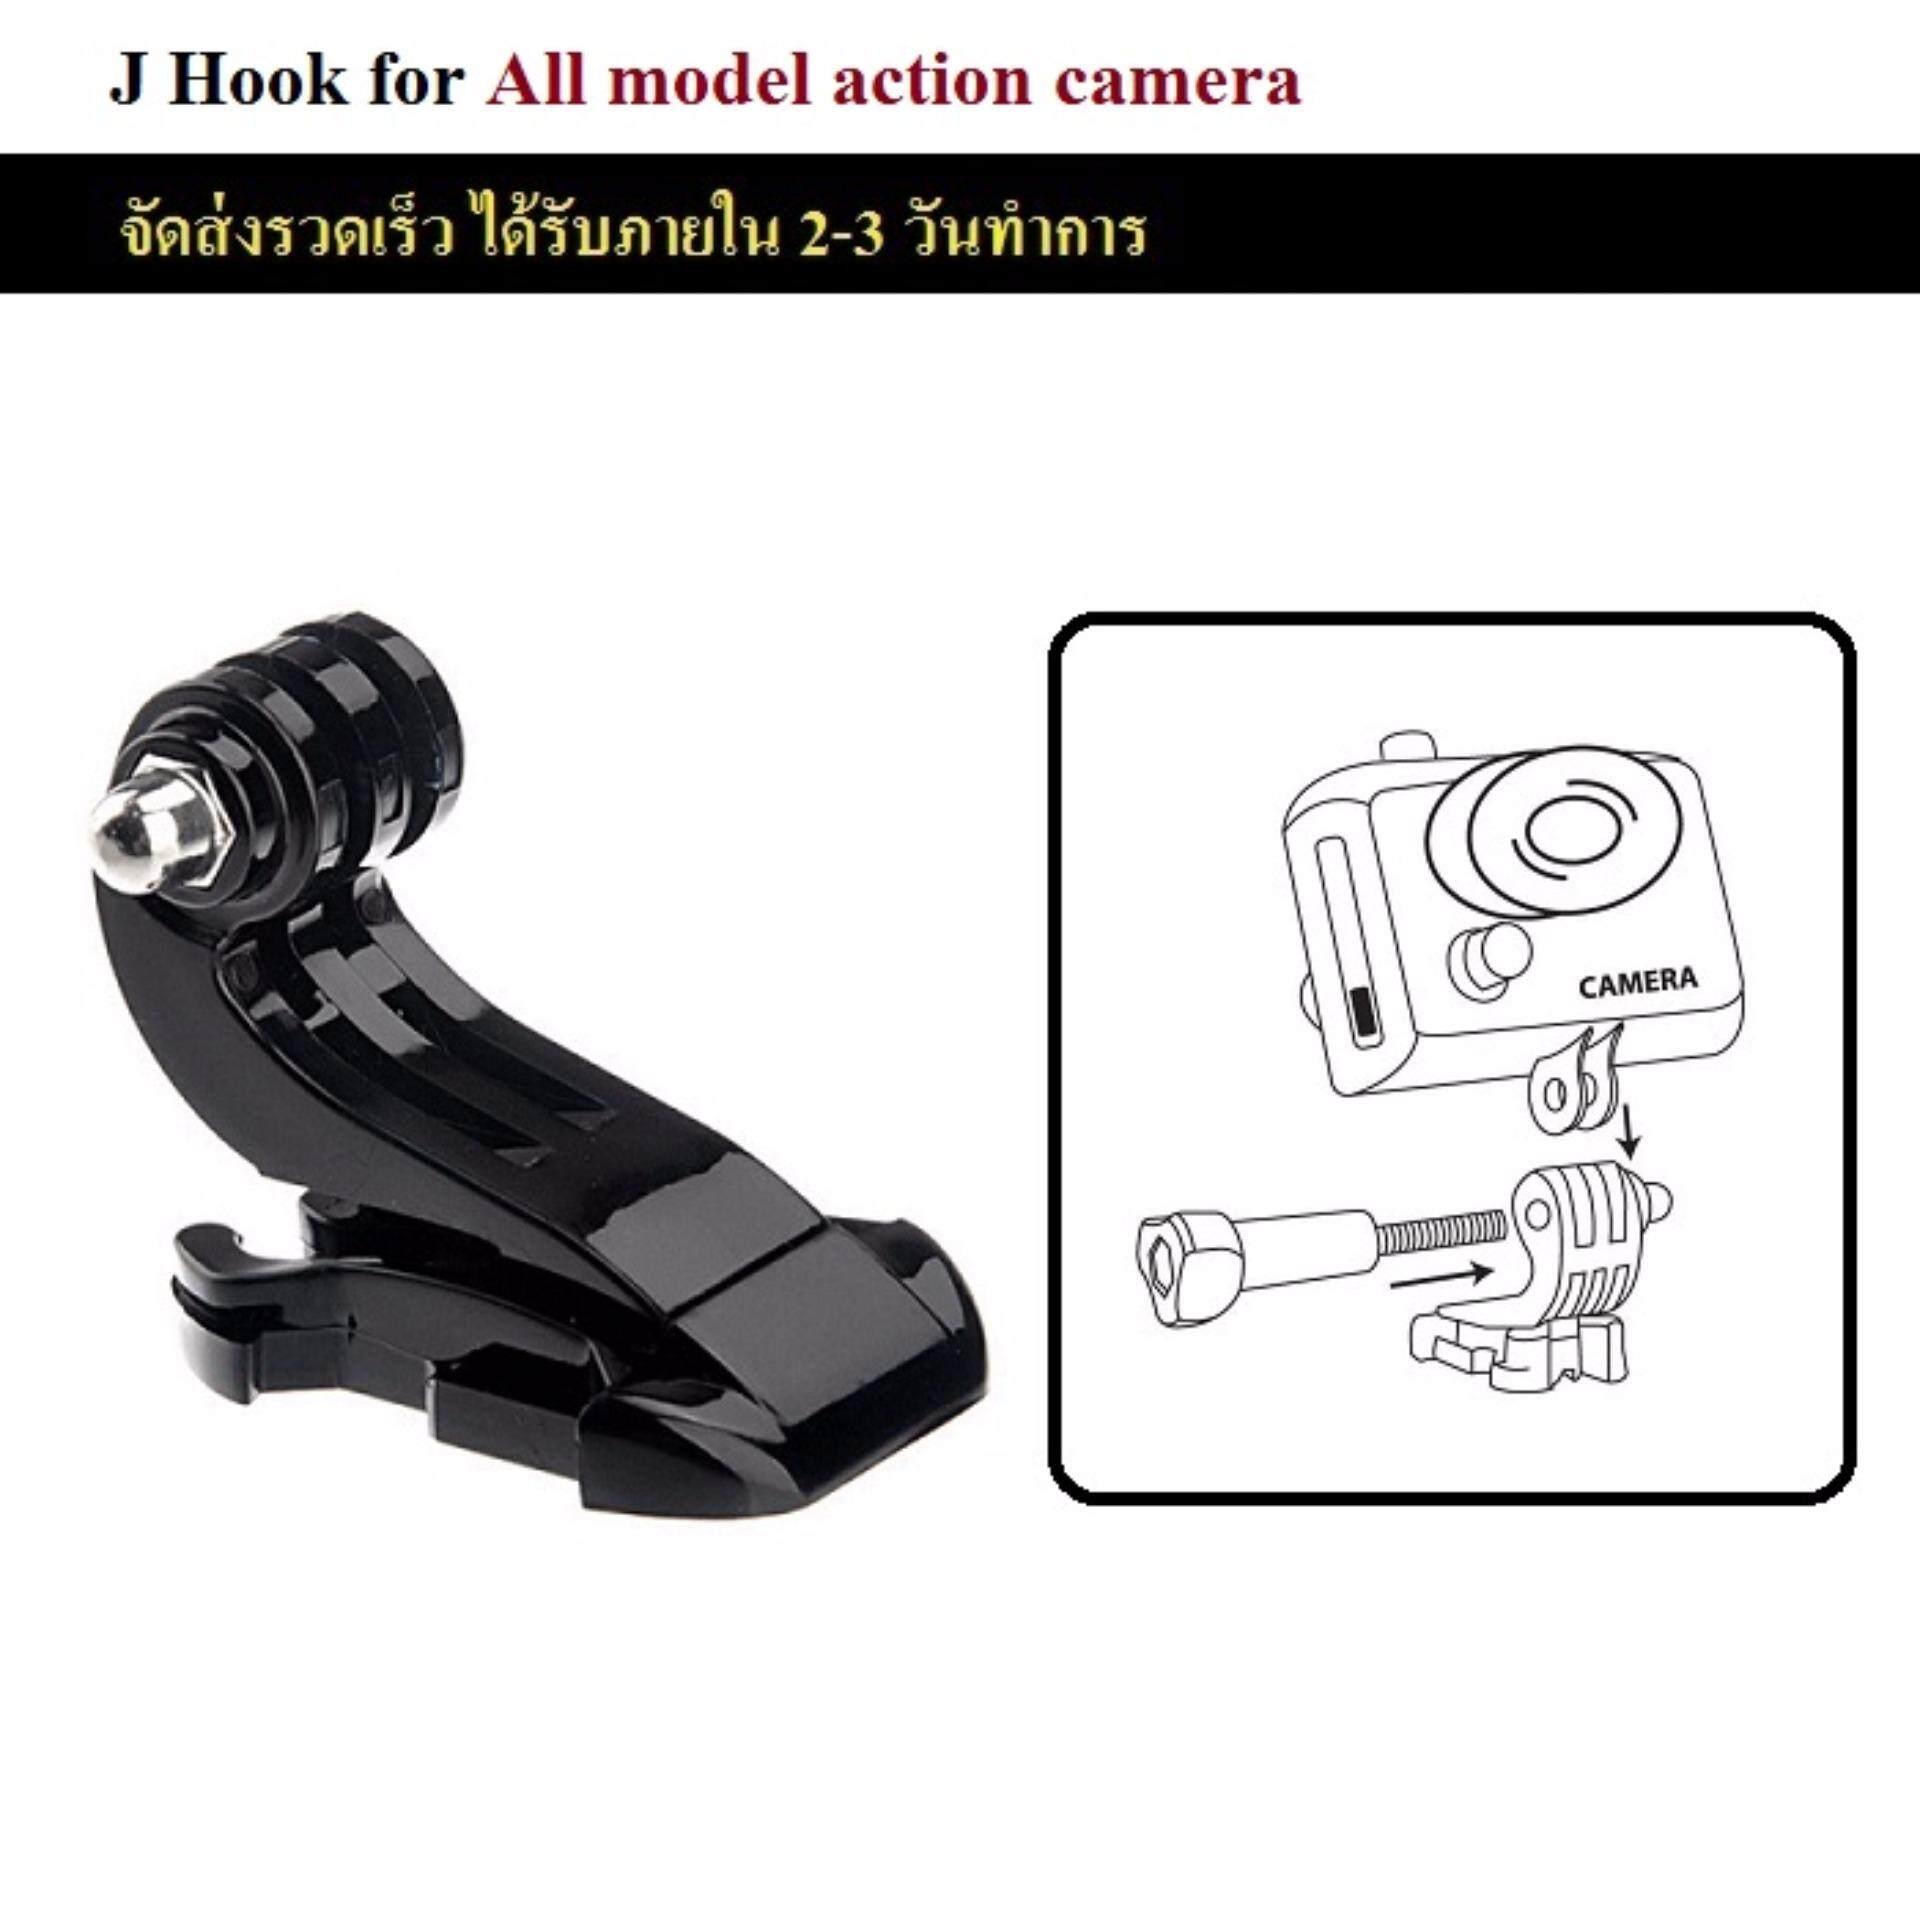 ขายึด ขาตั้งกล้อง หมวกกันน็อค J Hook Adapter สำหรับ All model action camera: GoPro HD Hero Hero2 Hero3 SJ4000 SJcam Camera